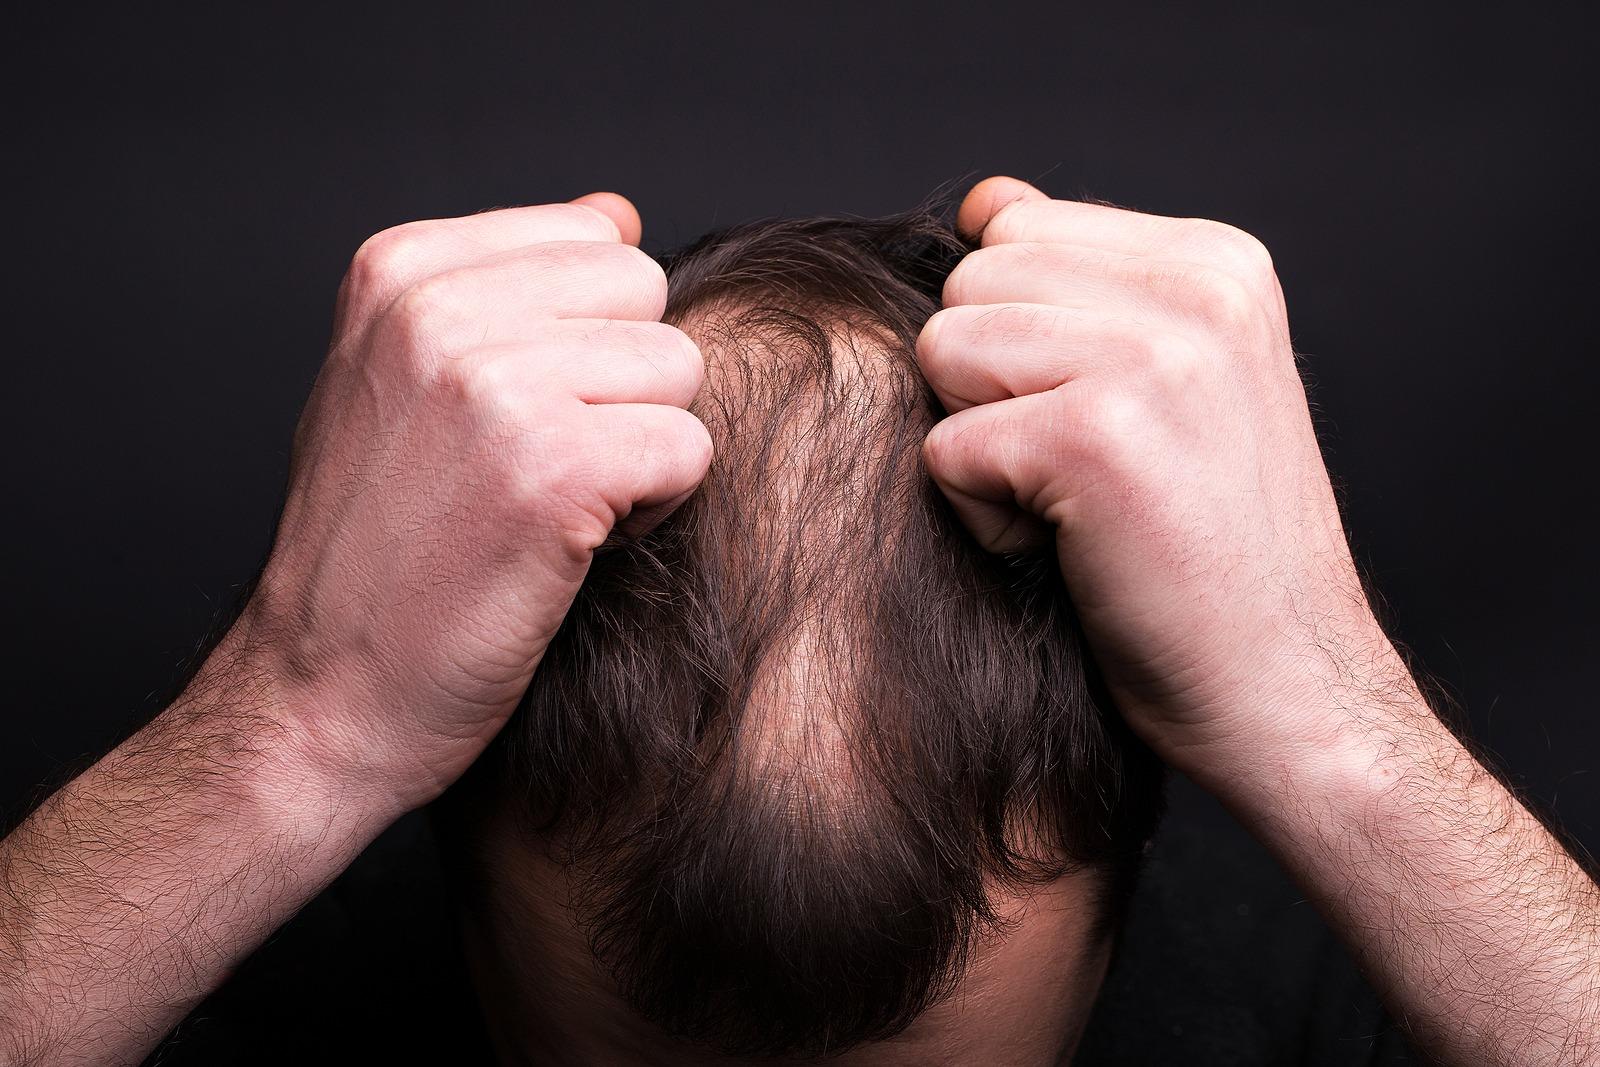 Anhaltender Haarausfall muss sofort behandelt werden